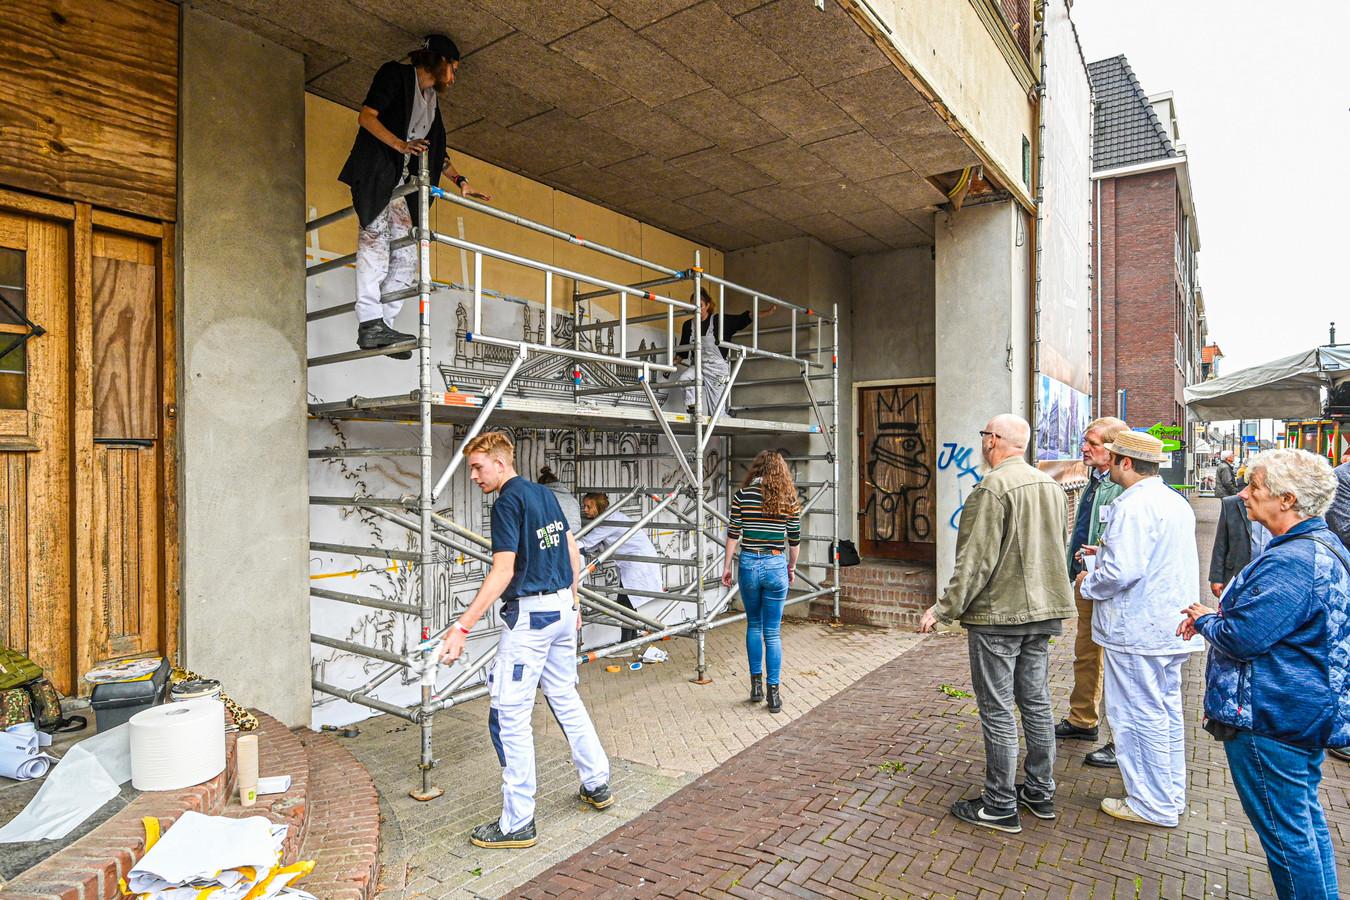 Tijdens de landelijke schildersdag werd ook de rotte kies in het centrum van Oudenbosch even gevuld.